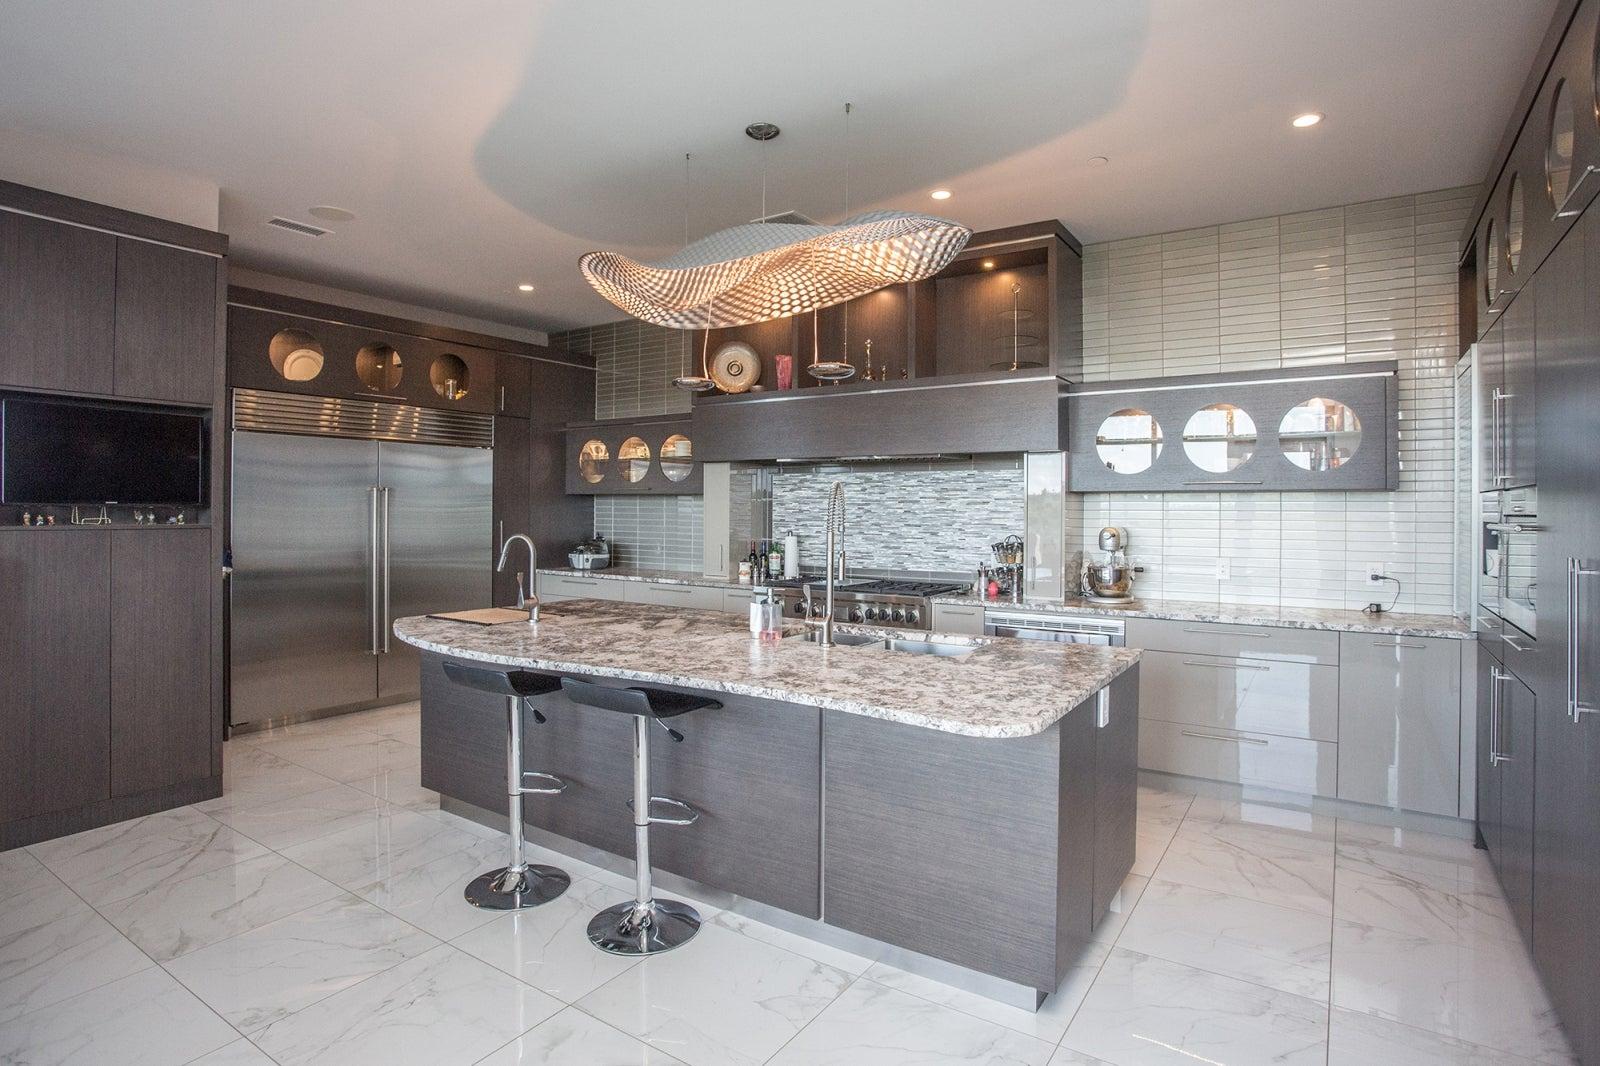 503-5002 55 Street, Red Deer, AB  T4N 7A4 - red_deer APTU for sale, 2 Bedrooms  #6